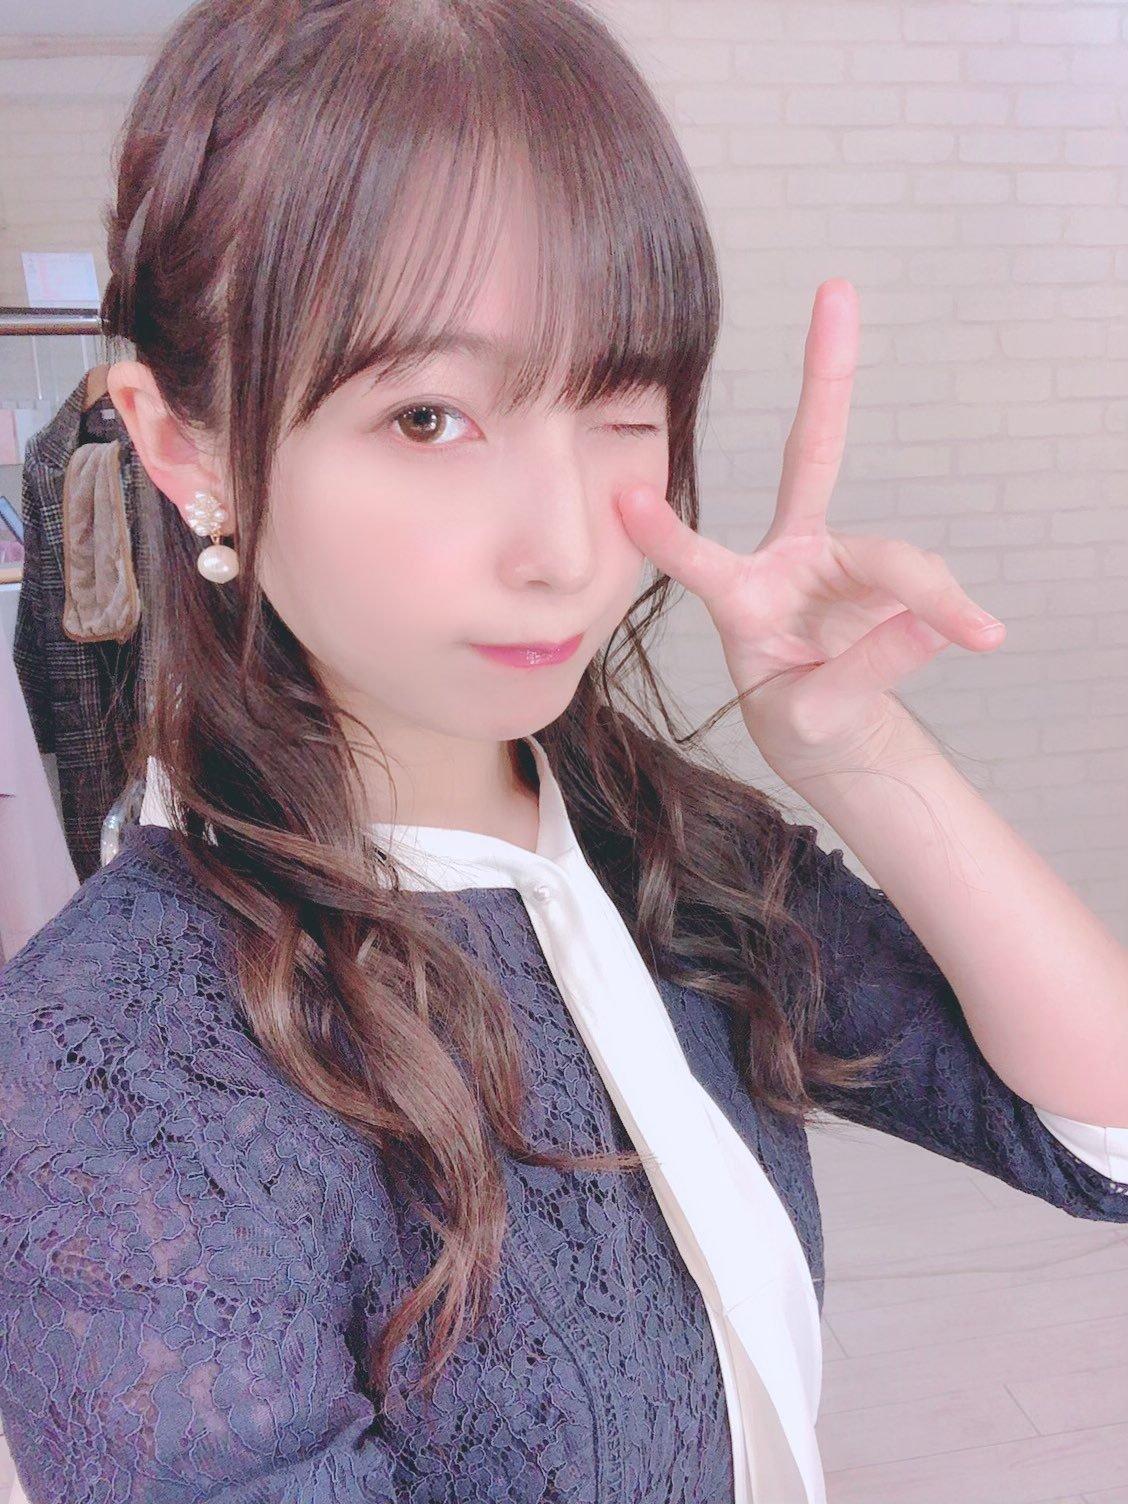 kawasaki__aya 1233911692423122944_p0